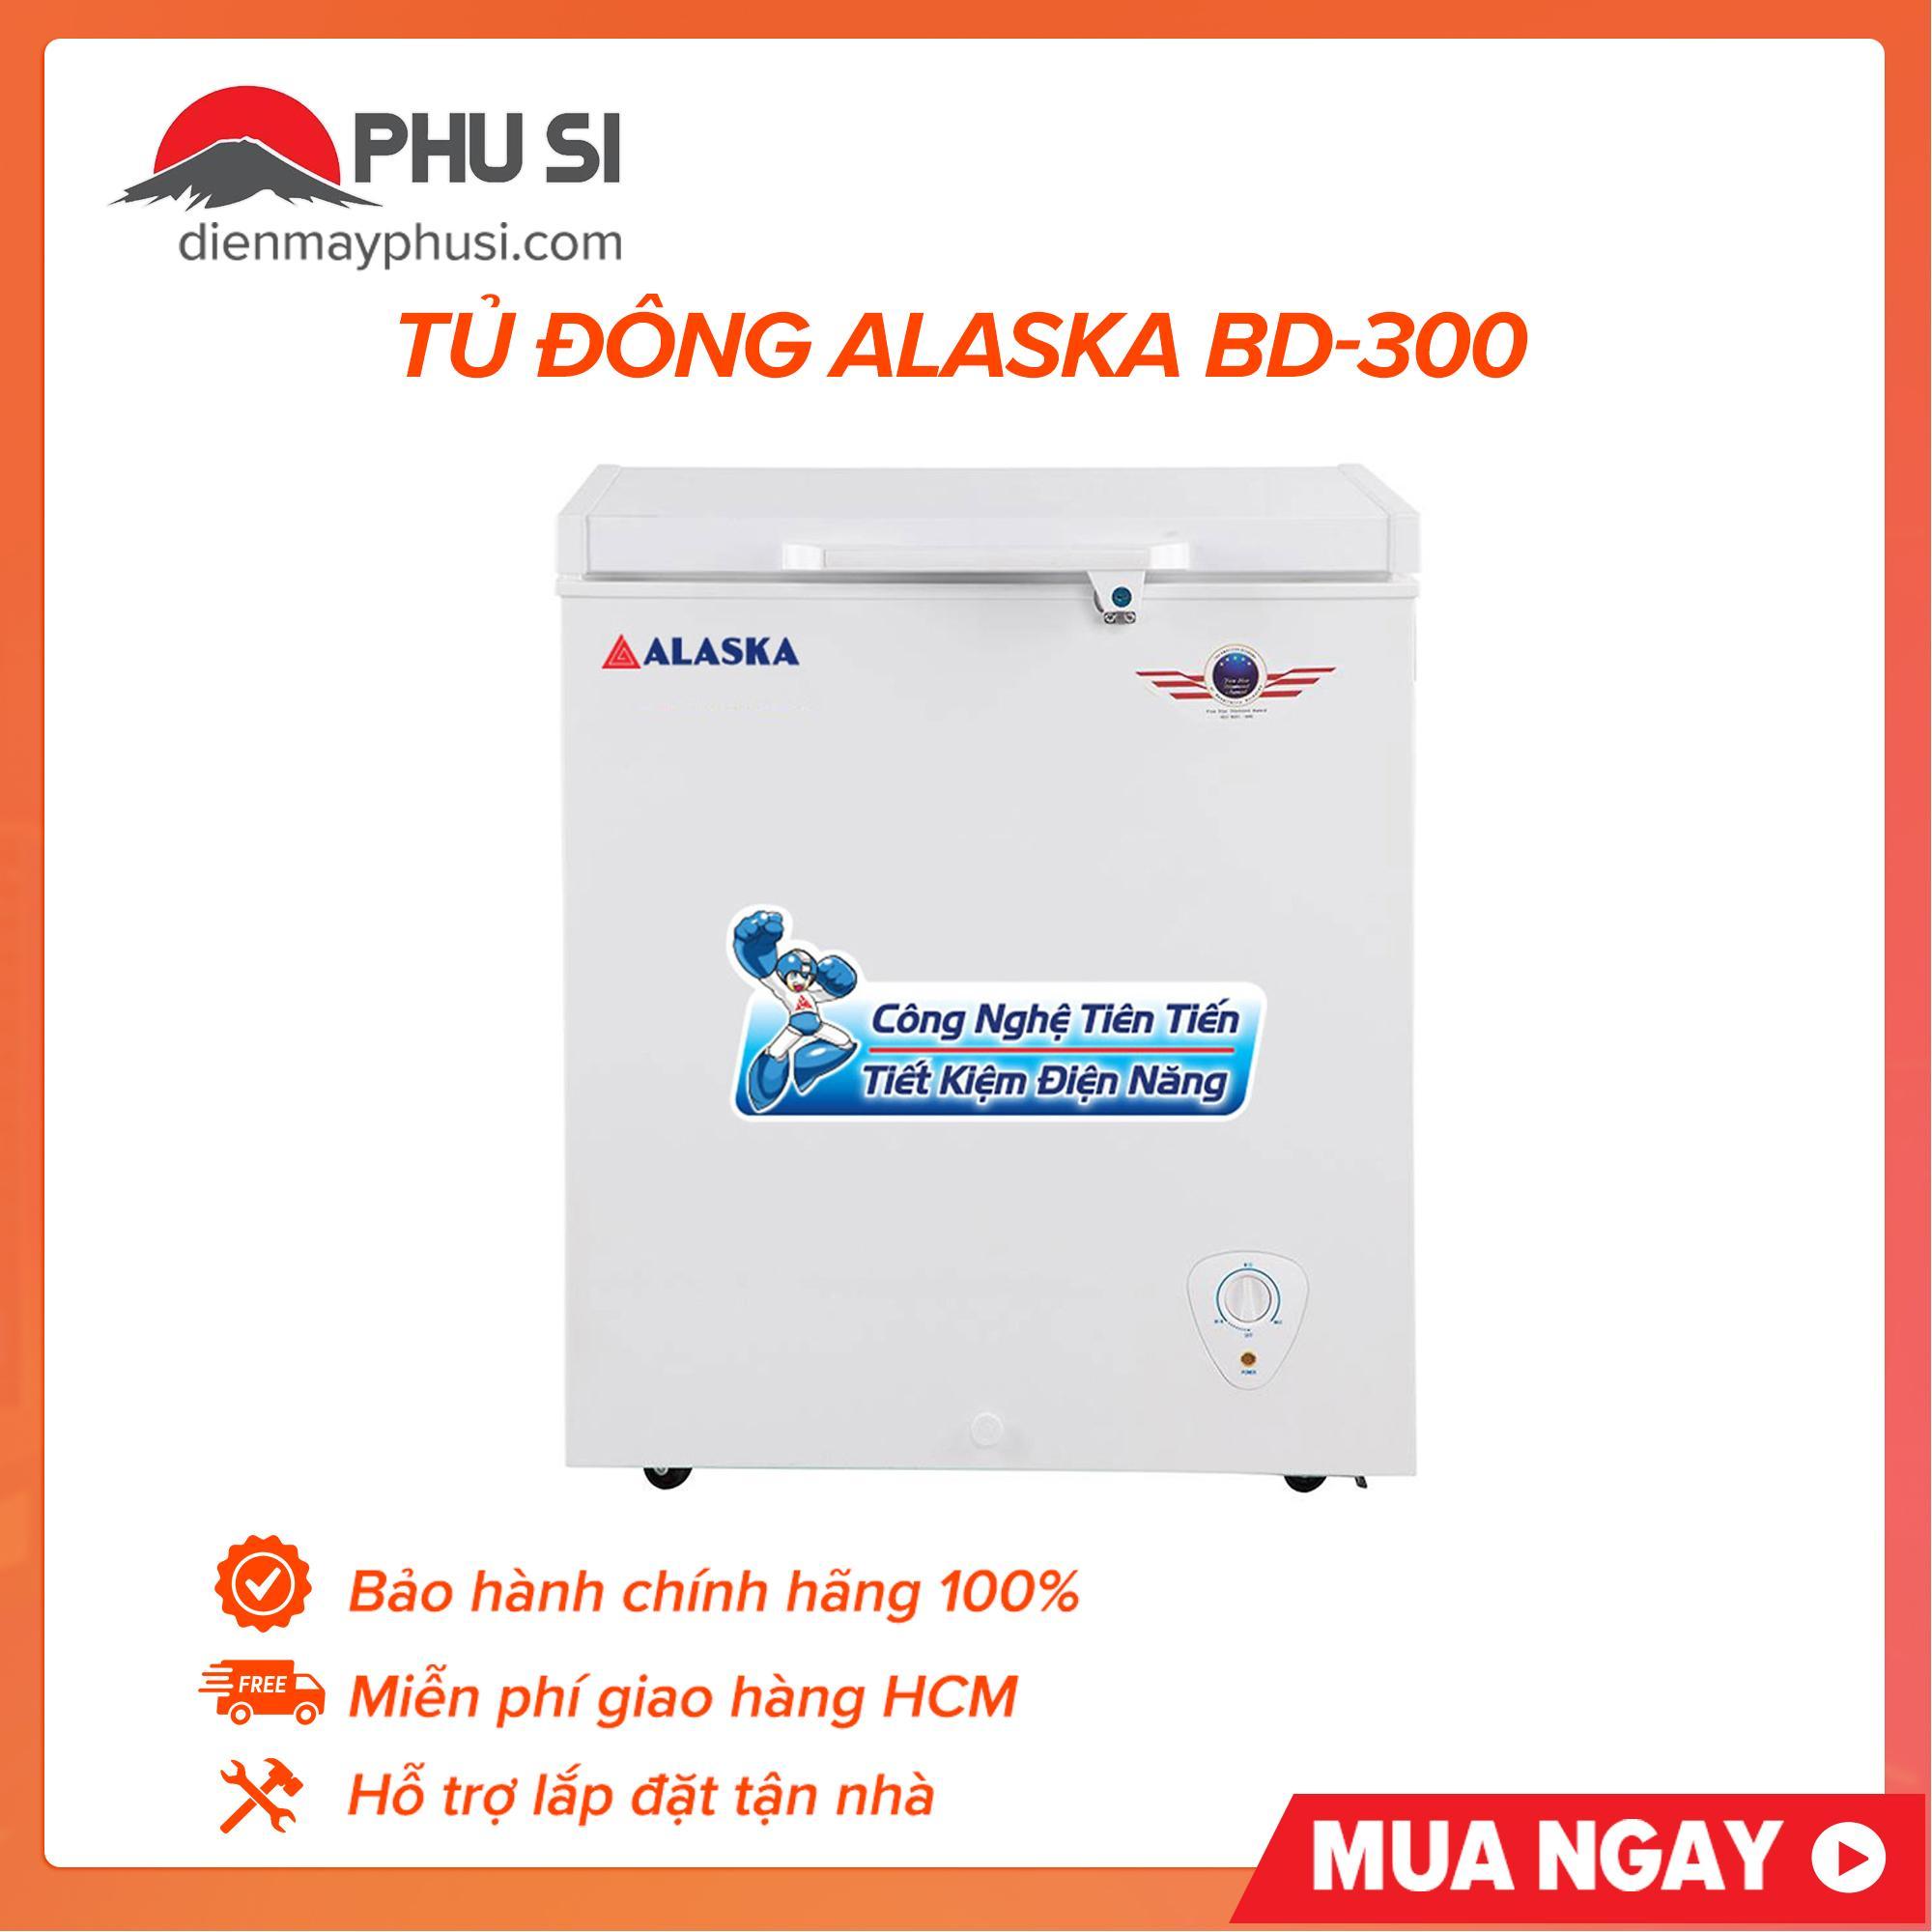 Bảng giá Tủ Đông Alaska BD-300 Điện máy Pico